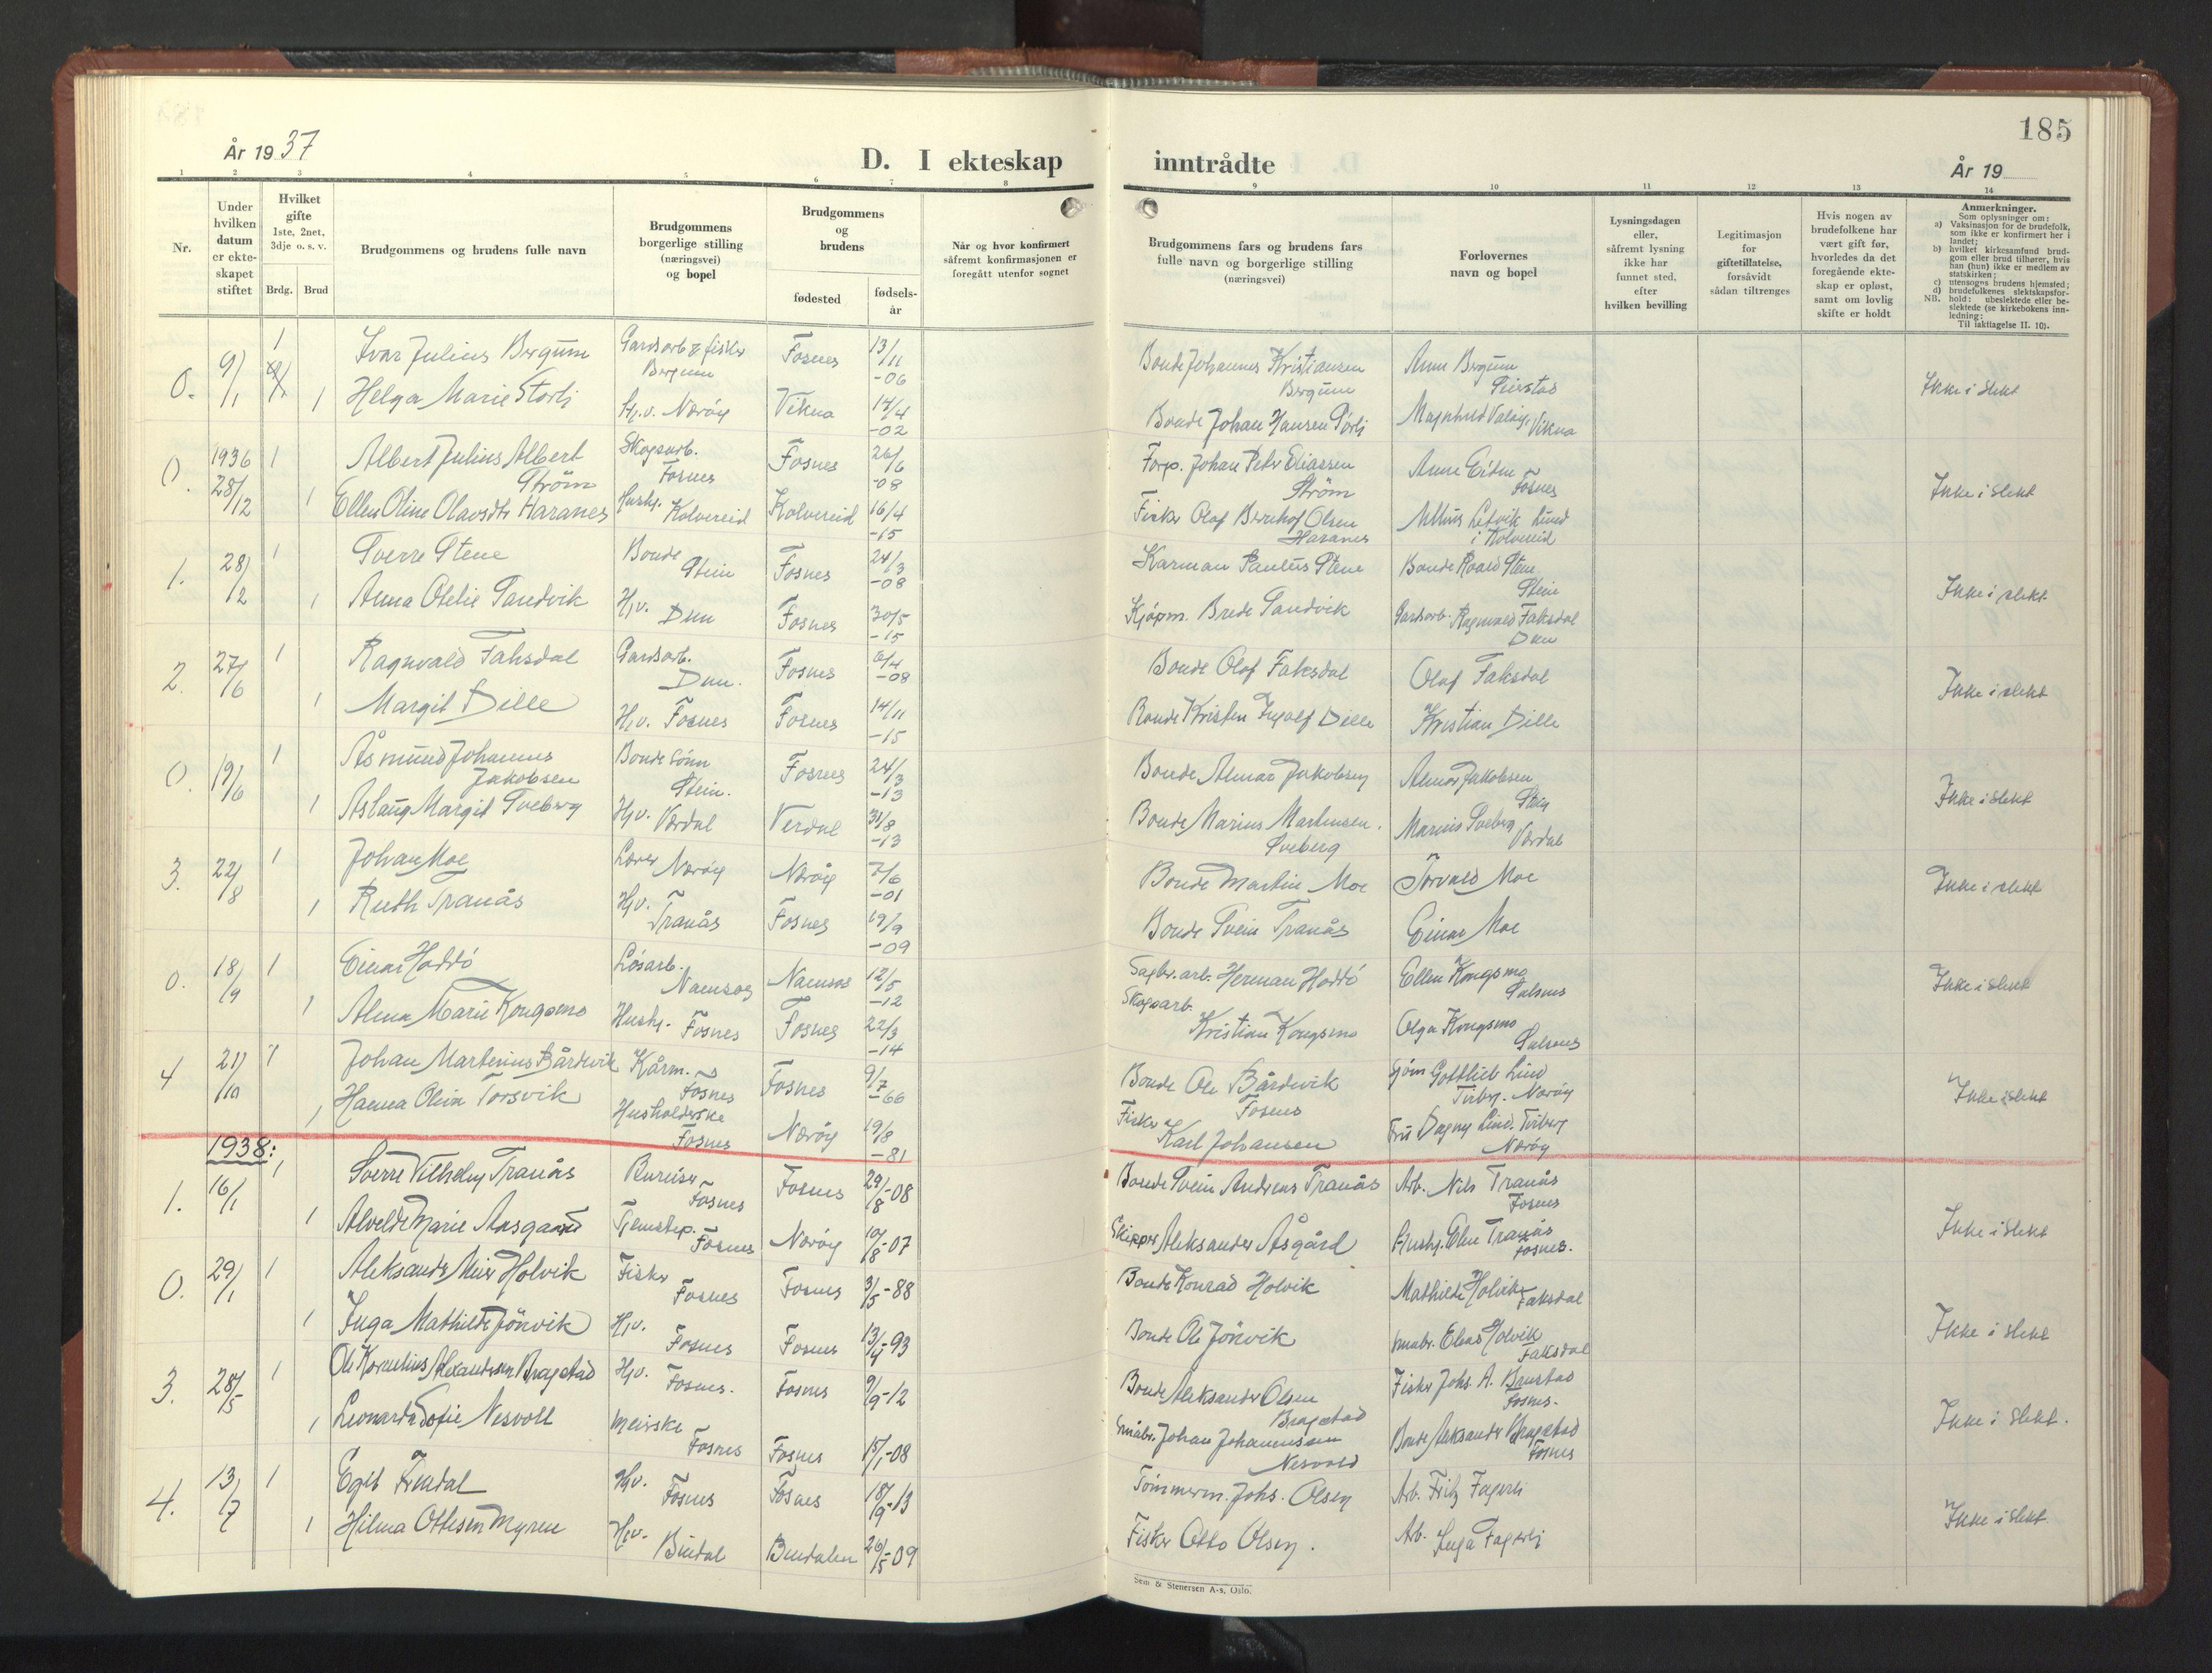 SAT, Ministerialprotokoller, klokkerbøker og fødselsregistre - Nord-Trøndelag, 773/L0625: Klokkerbok nr. 773C01, 1910-1952, s. 185